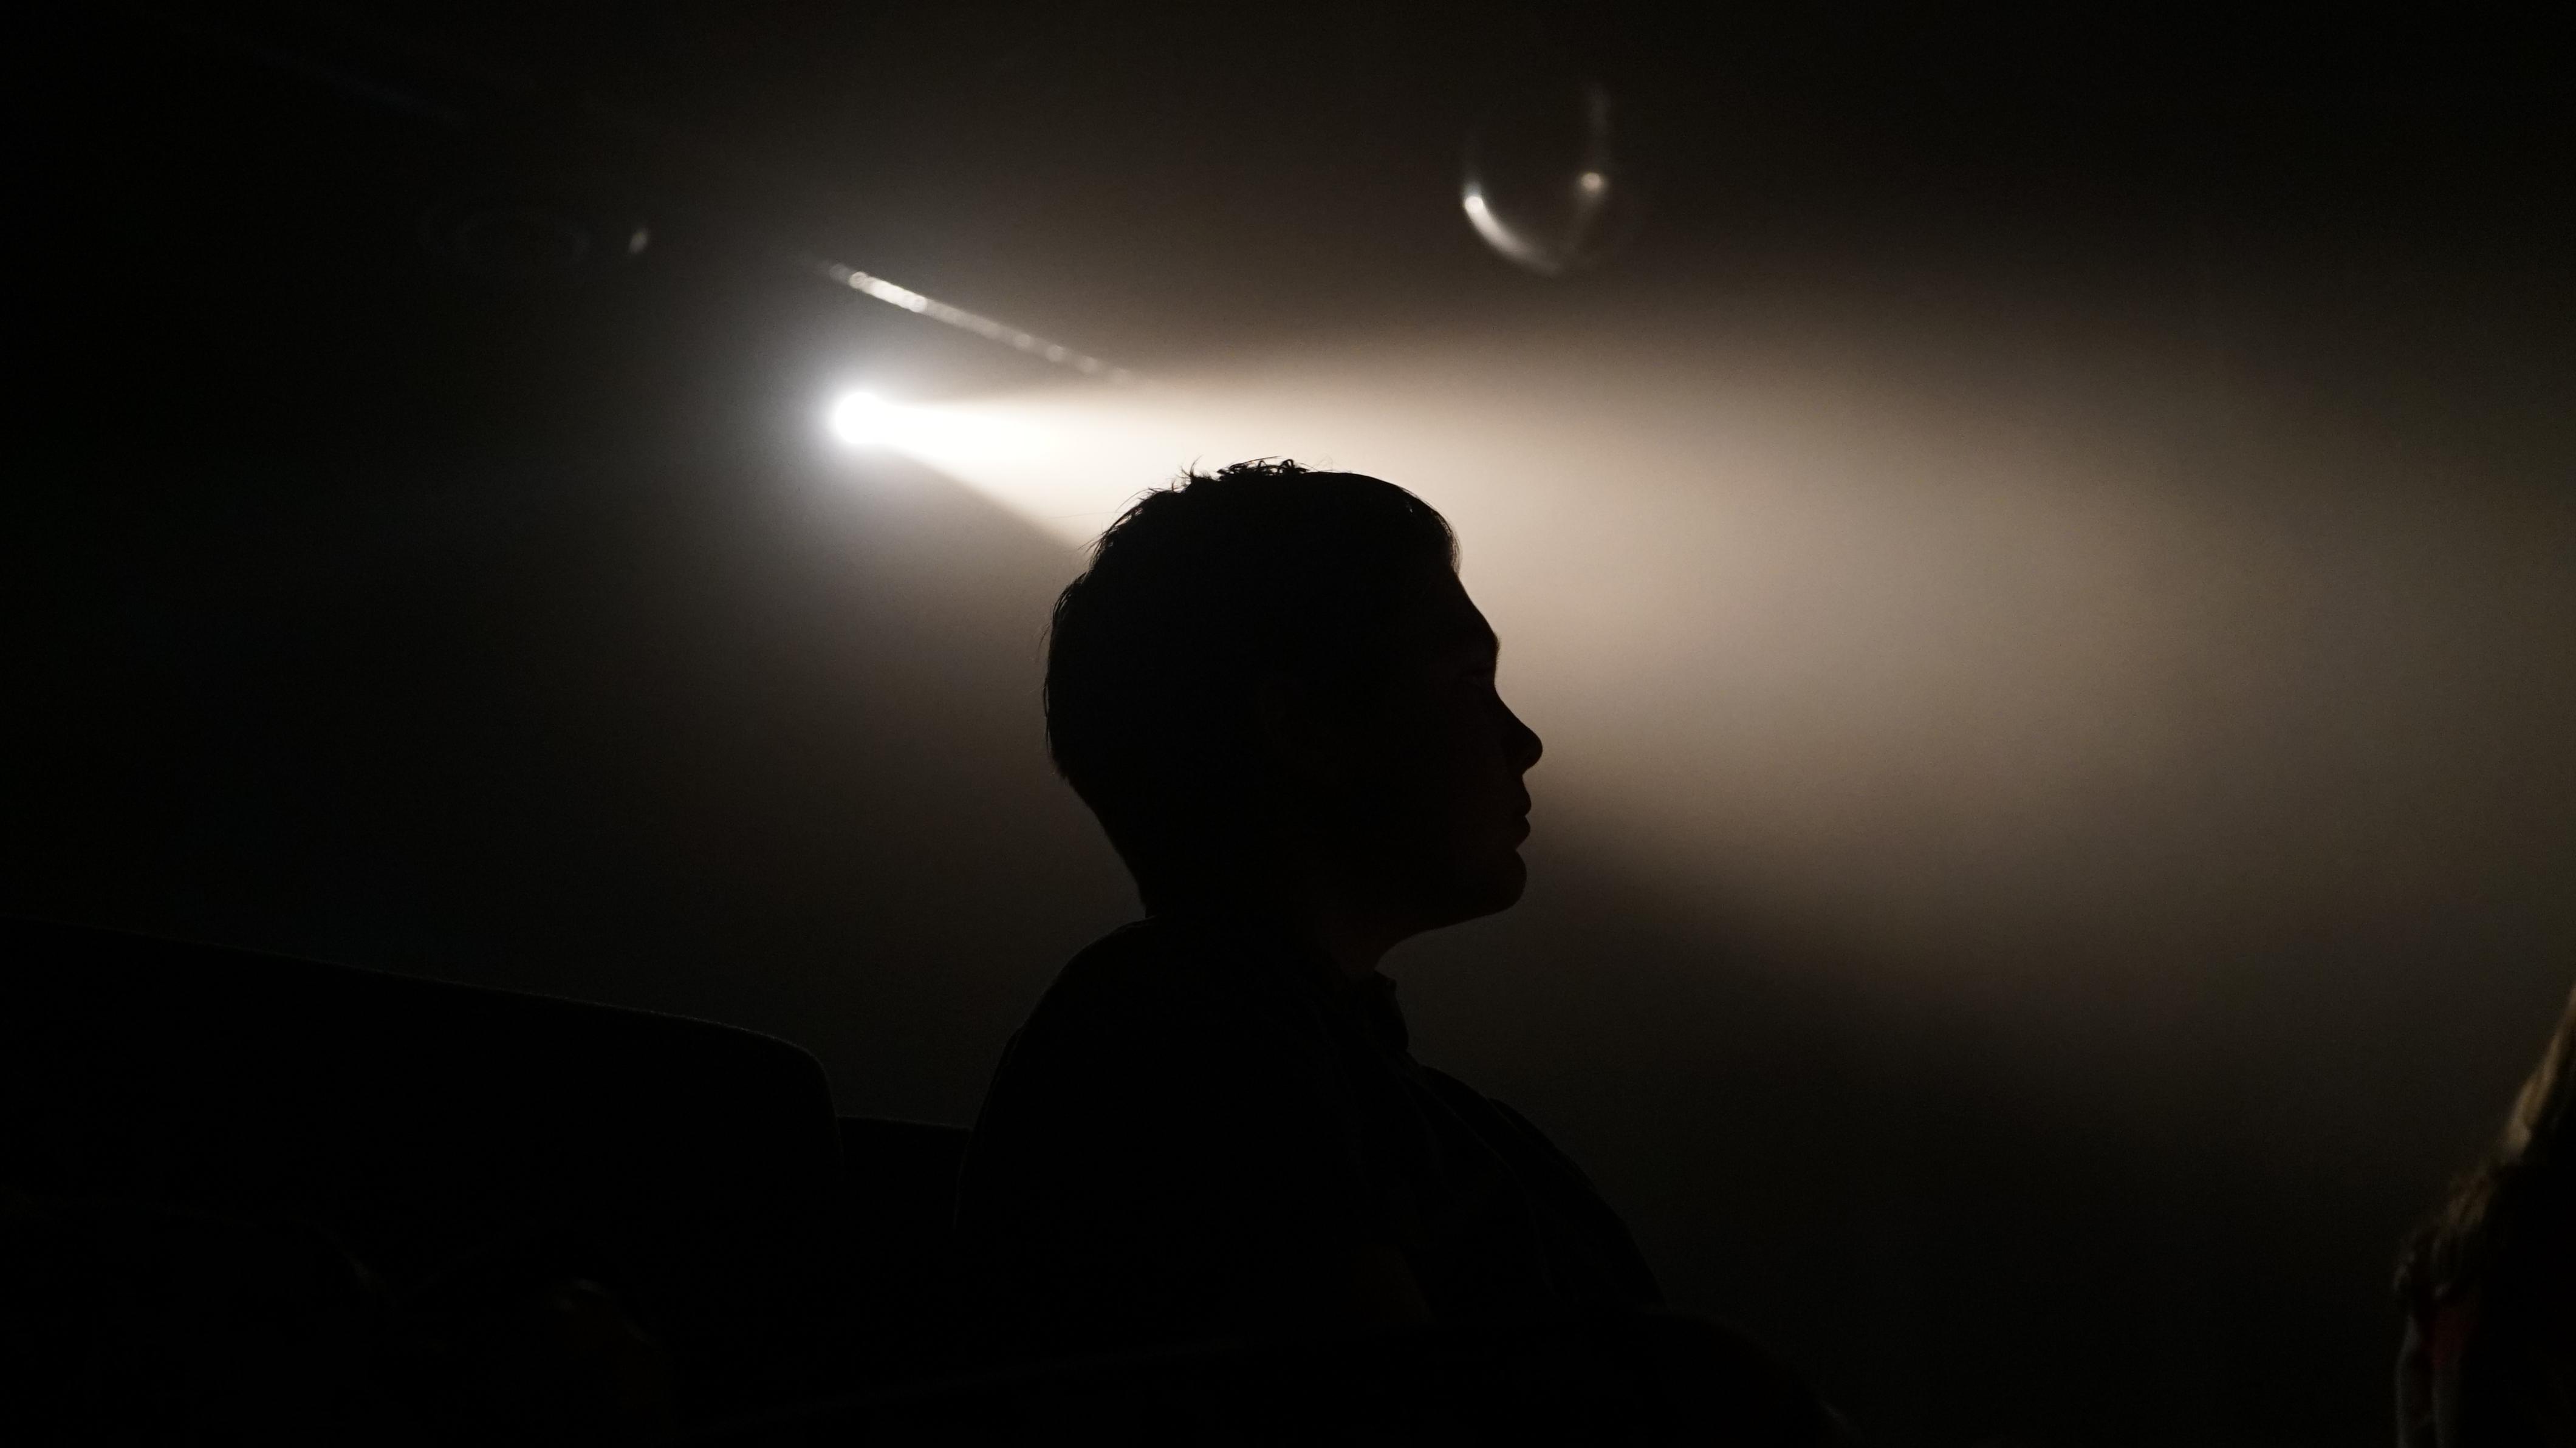 транспортировке была фото мужчины в темноте комнате этих демонов обладал